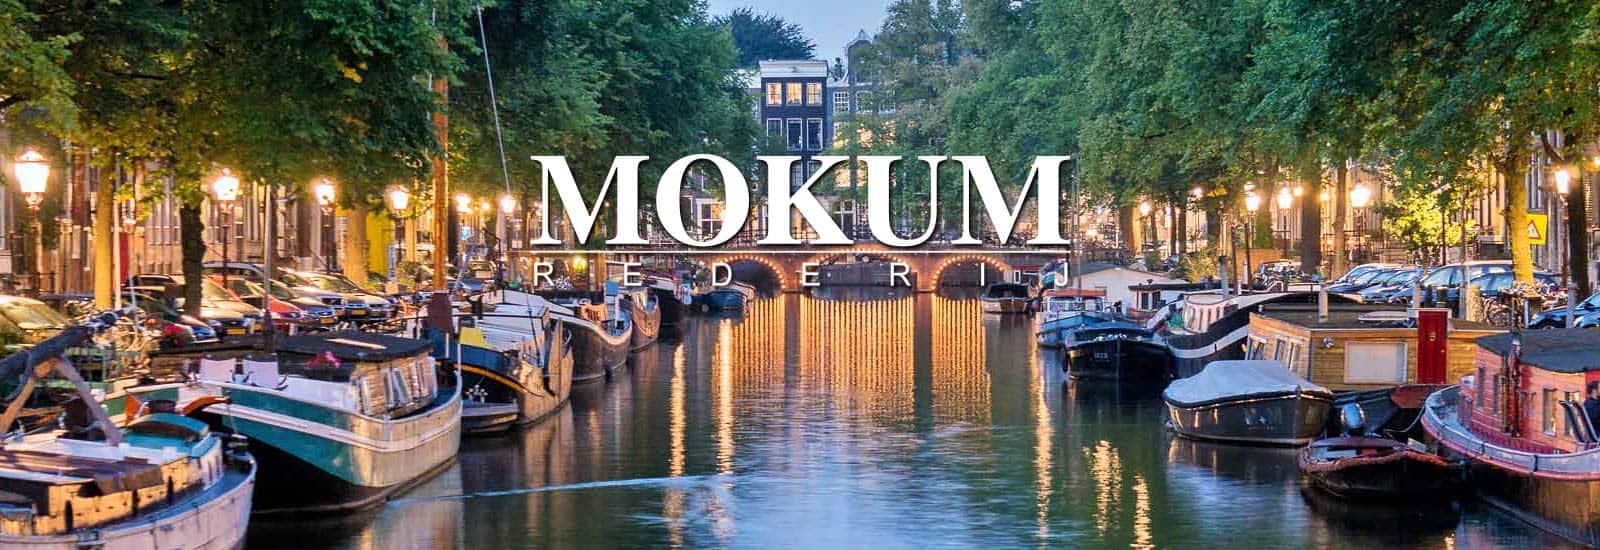 Boot huren Amsterdam - Geniet van de pracht en praal van de Amsterdamse grachten per boot.